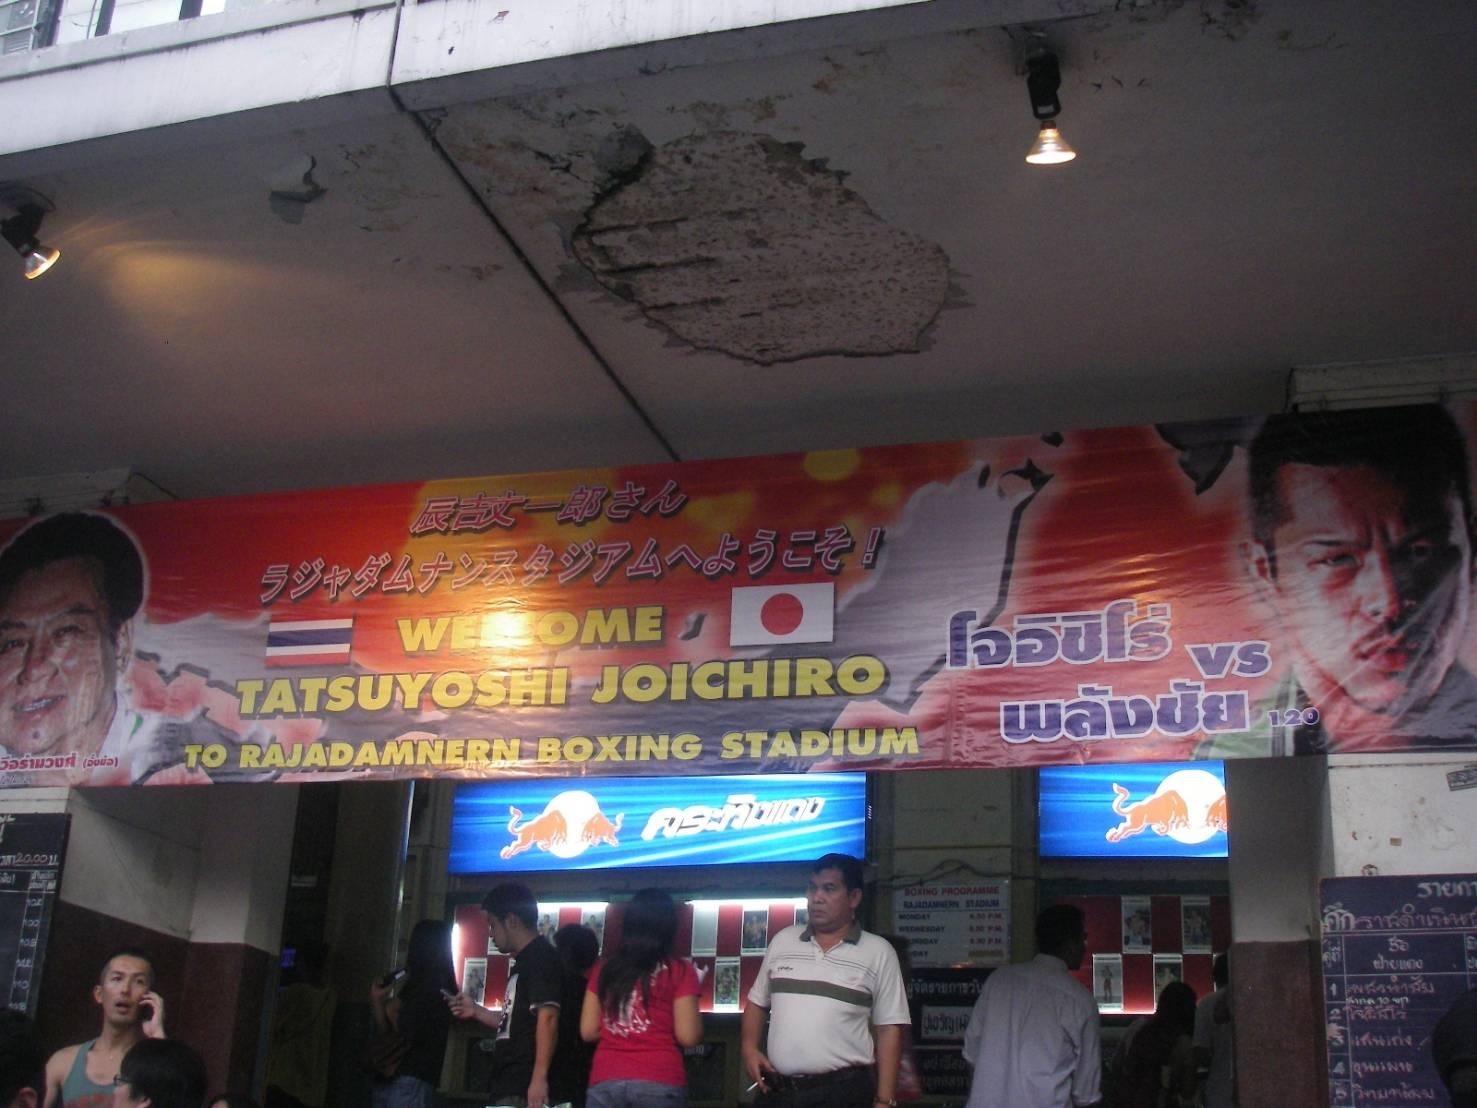 2008年10月26日のカオサン通りとラジャダムナンスタジアム|rsc products公式ウェブサイト